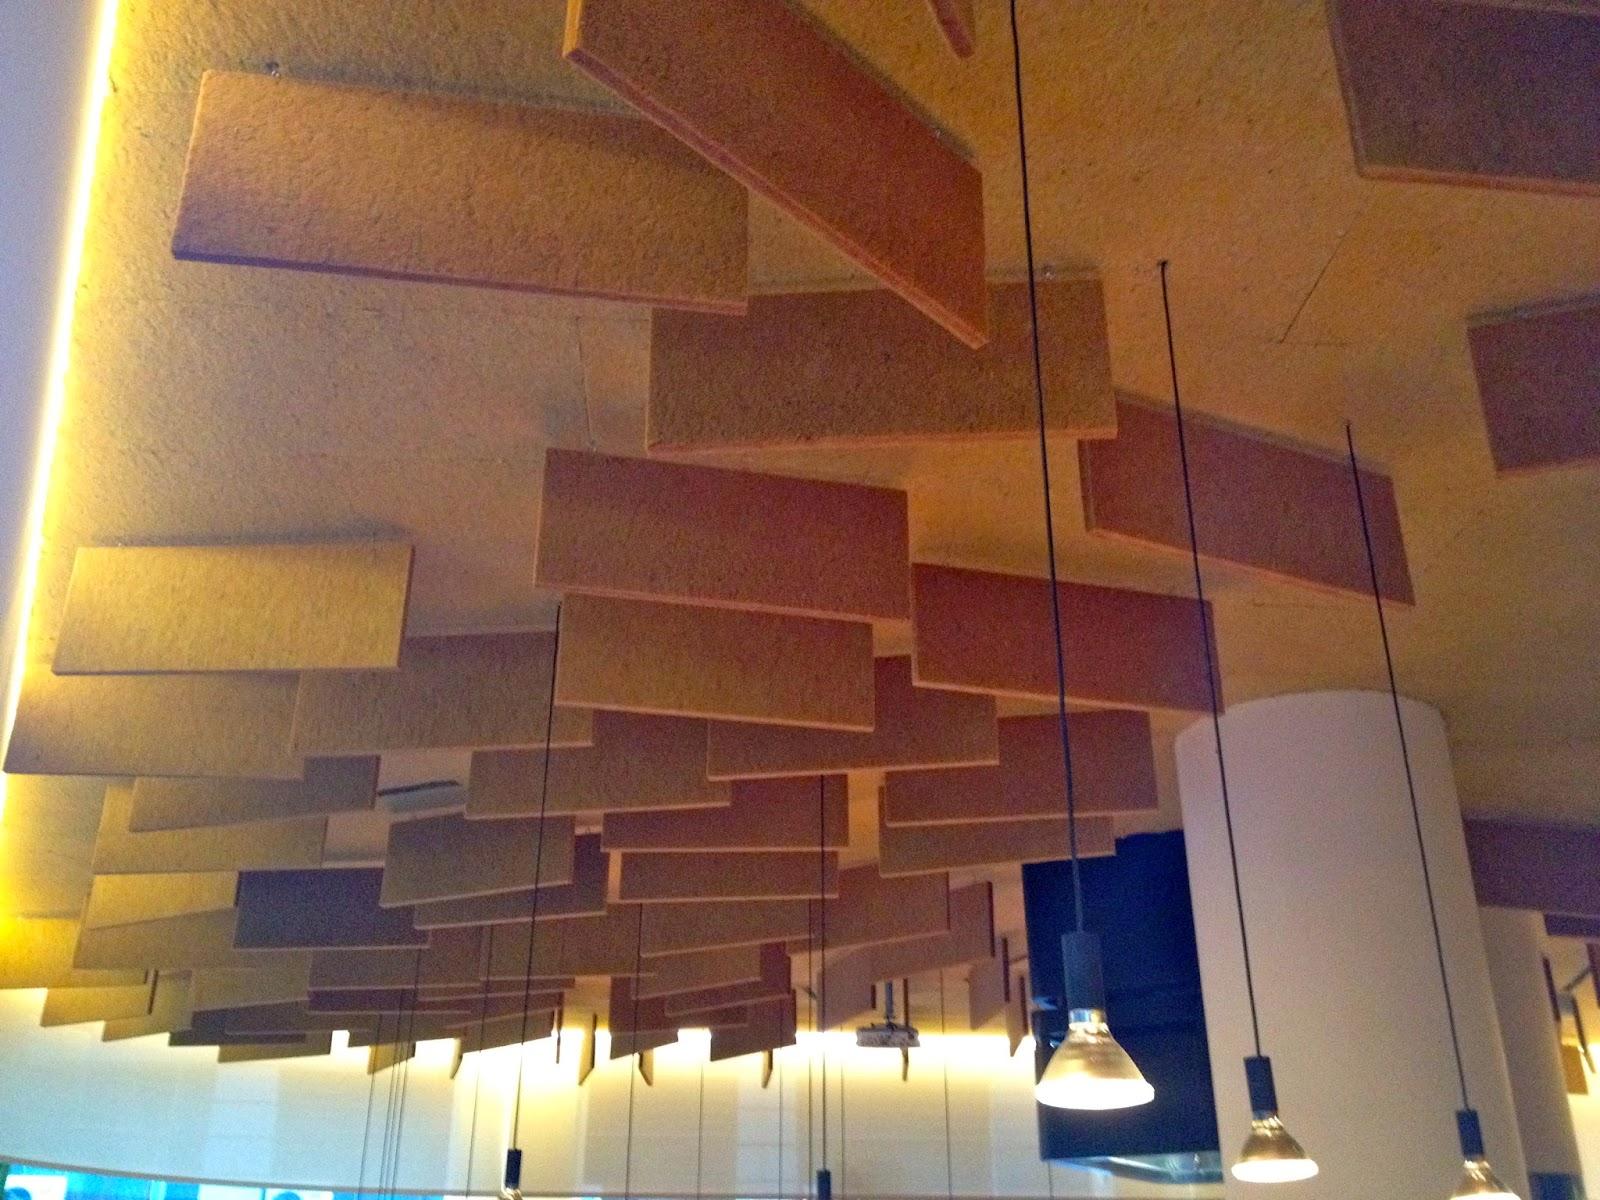 Restaurante Yakitoro, Calle Reina 41, Madrid Estudio Picado de Blas, 2014. Perfecto ejemplo de acondicionamiento acústico.